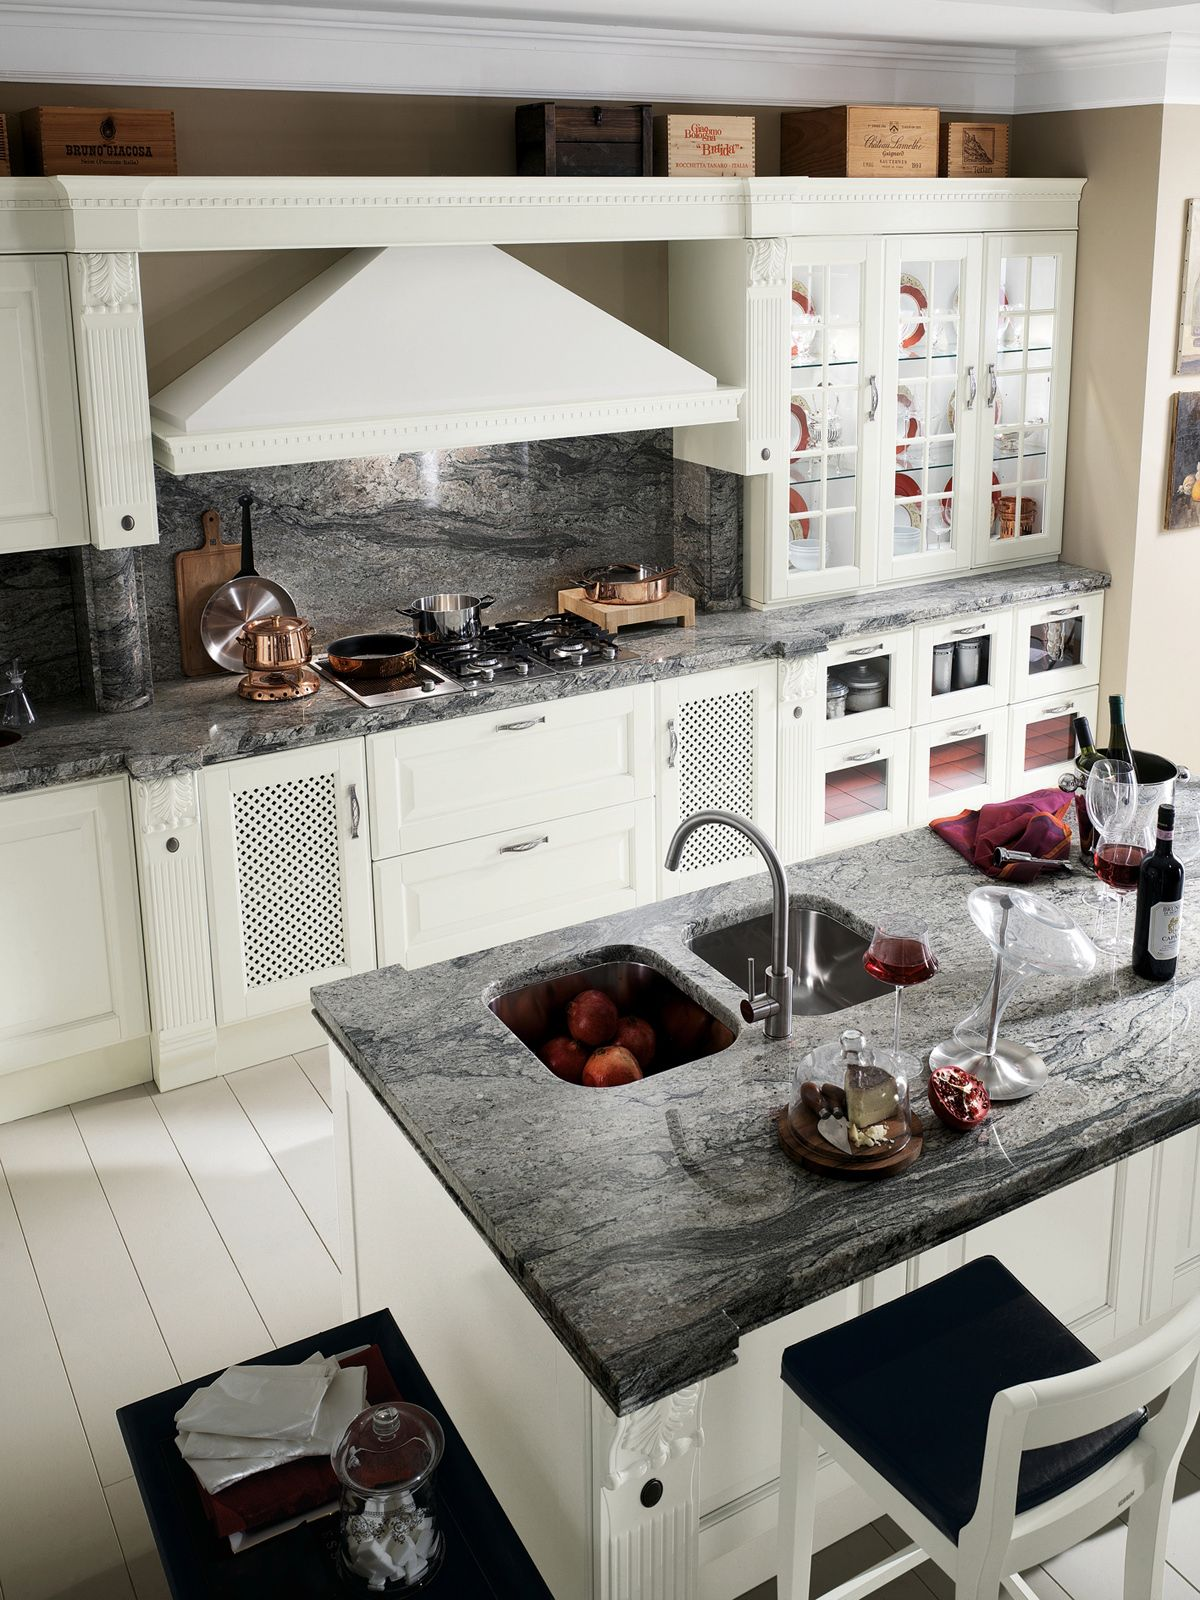 Cucine country una scelta di stile | Kitchen design, Kitchens and ...